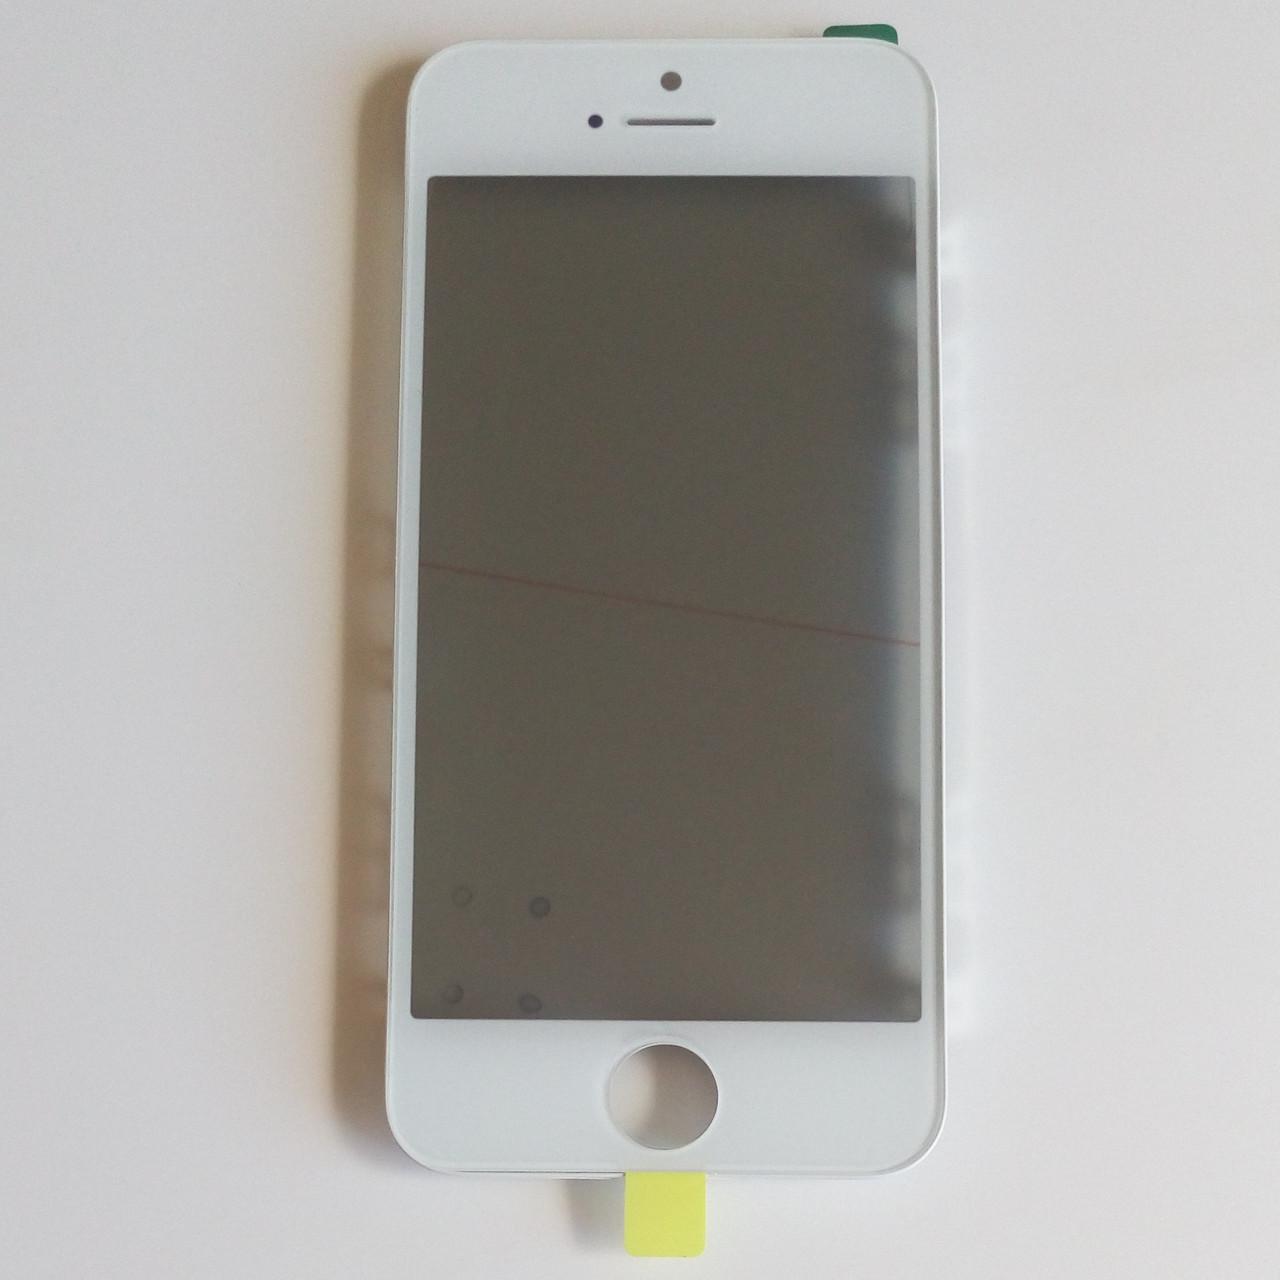 Стекло корпуса для Apple iPhone 5S с рамкой,OCA пленкой,поляризационной пленкой, белое